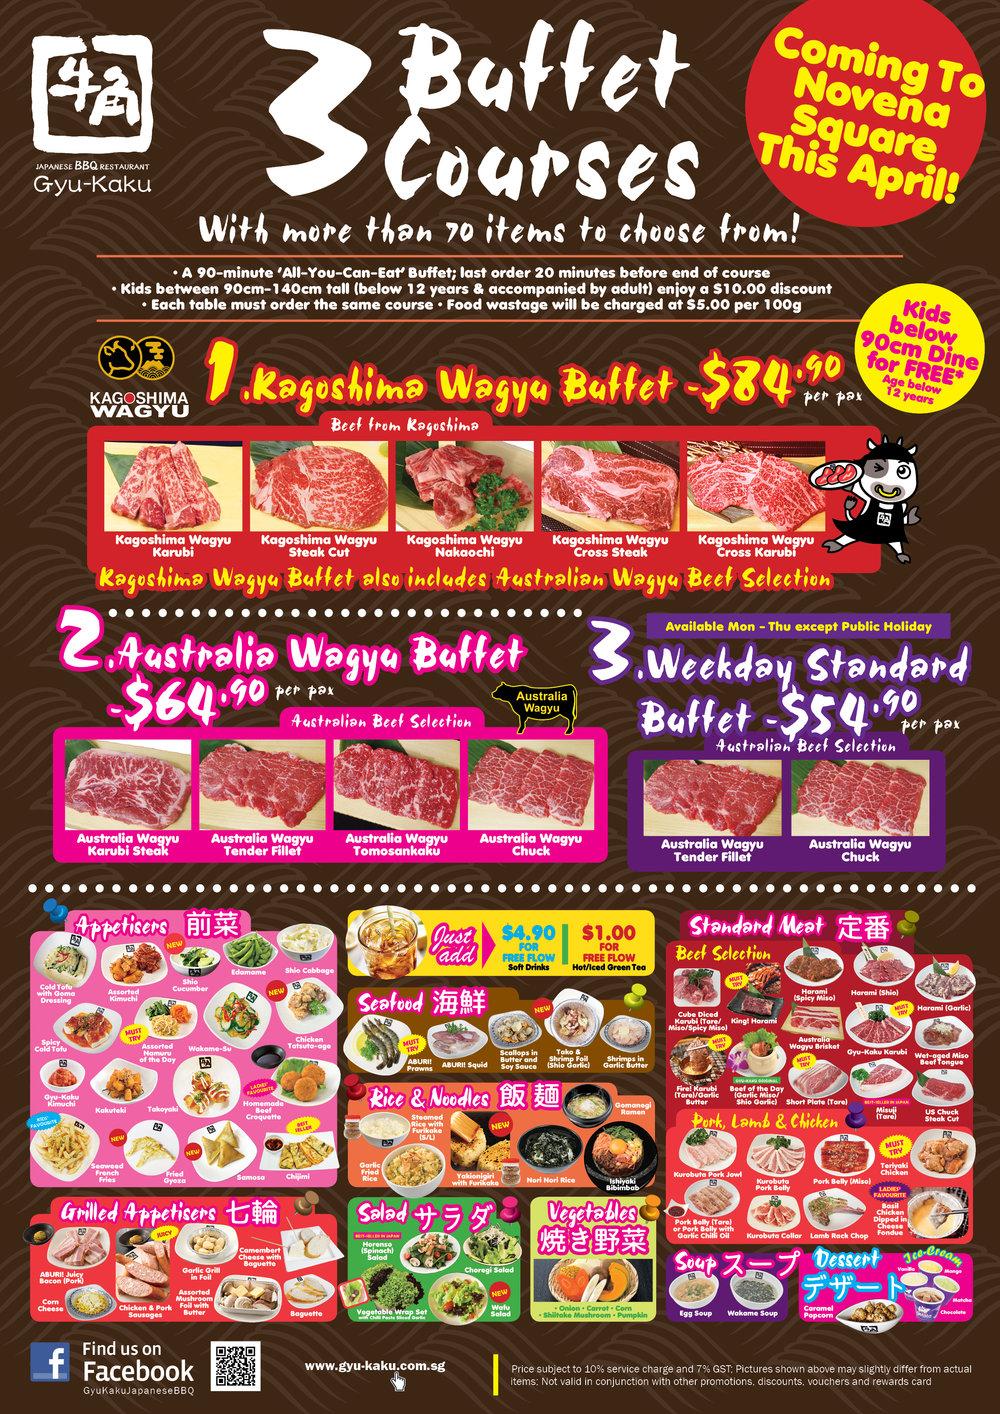 Gyu-Kaku Signature Buffets Come to Novena